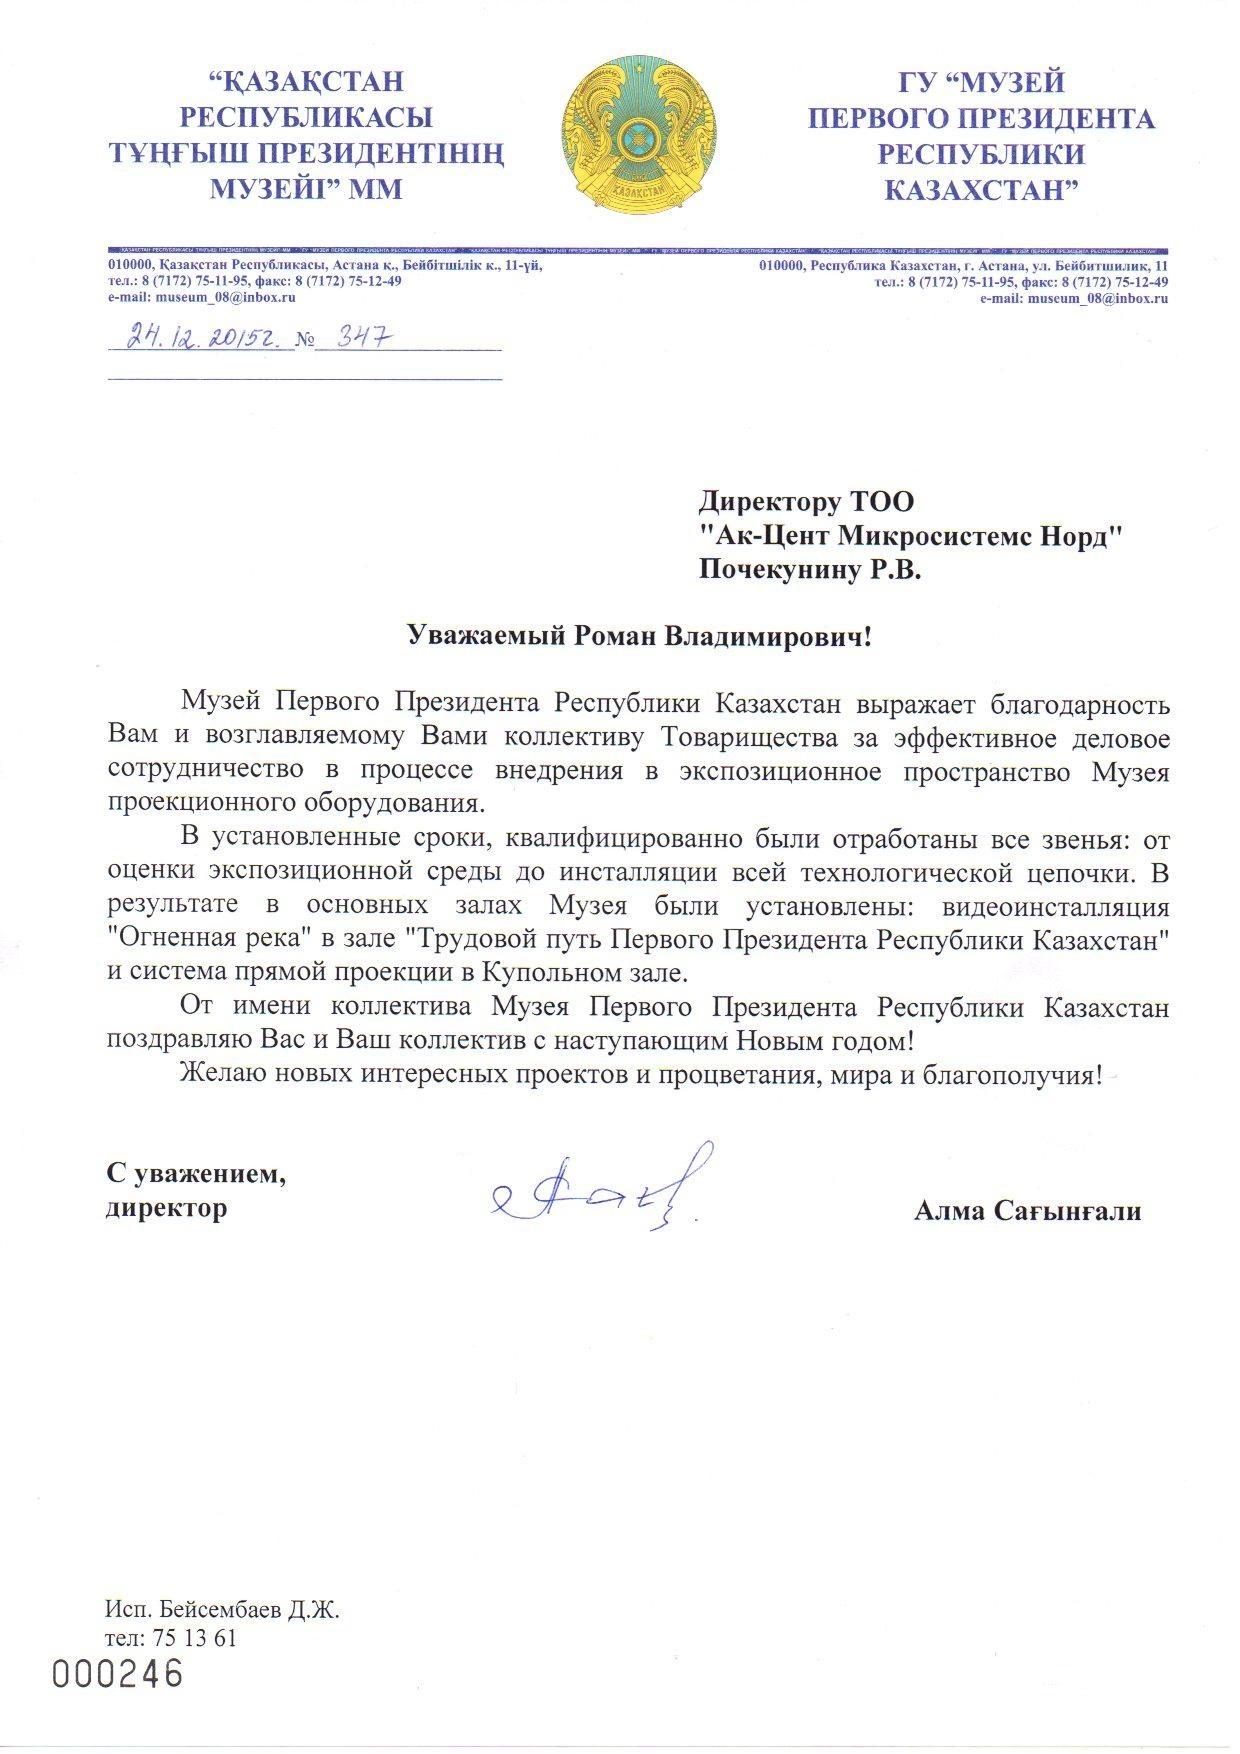 письмо-благодарность от музея Первого Президента РК